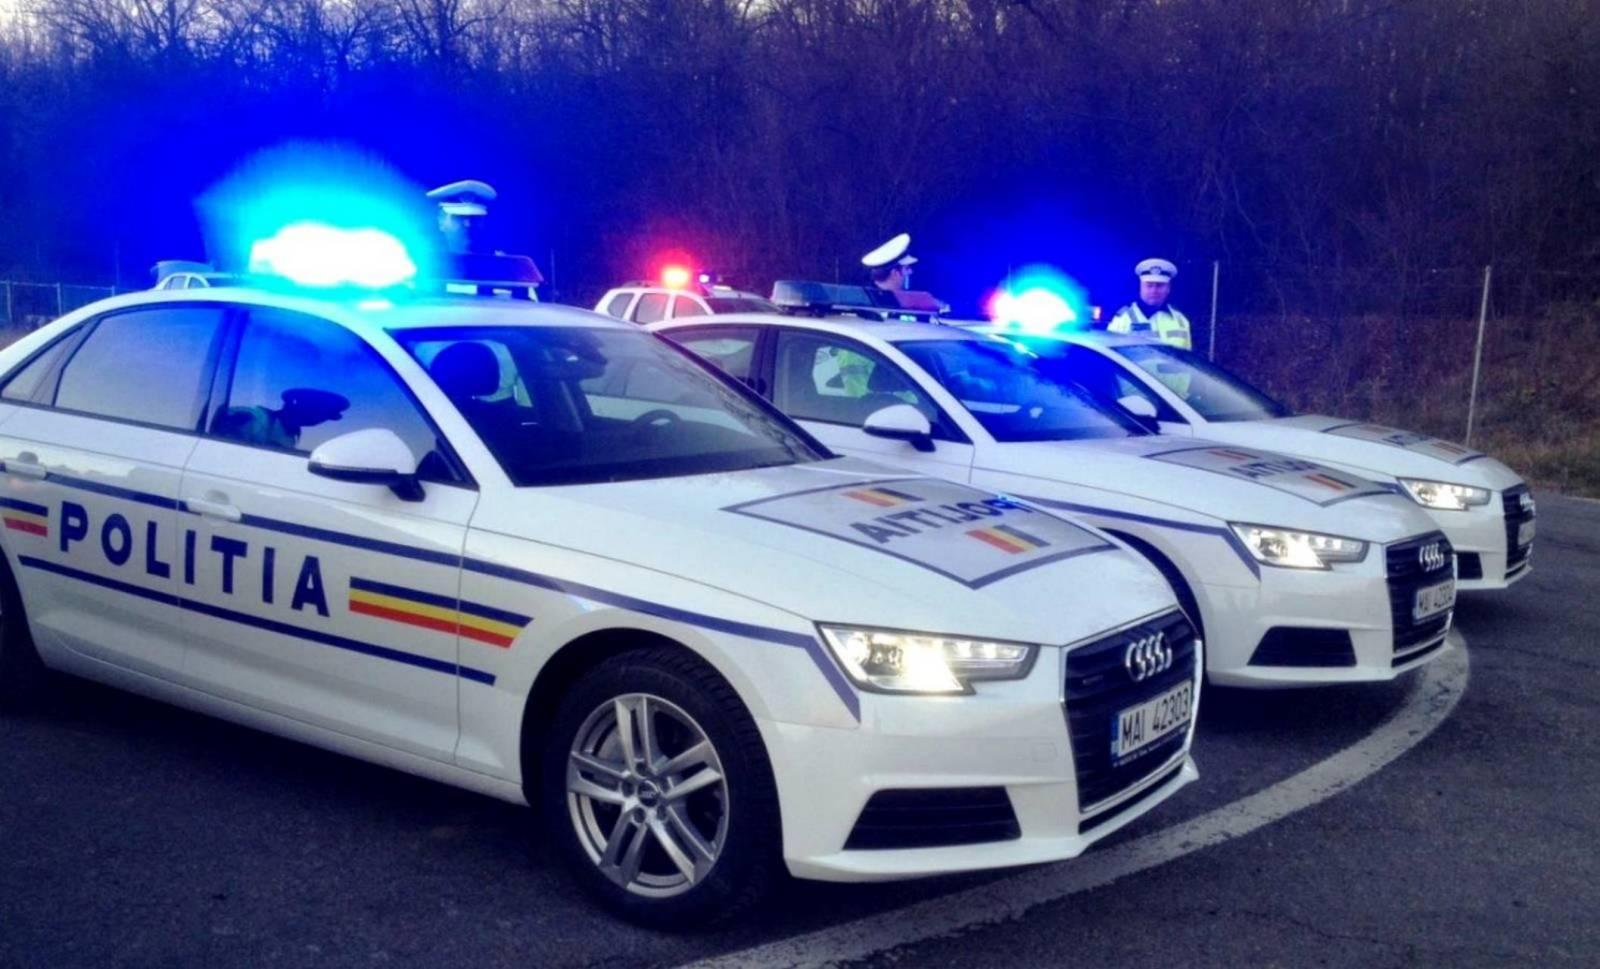 Politia Romana amenzi covid-19 24 ore